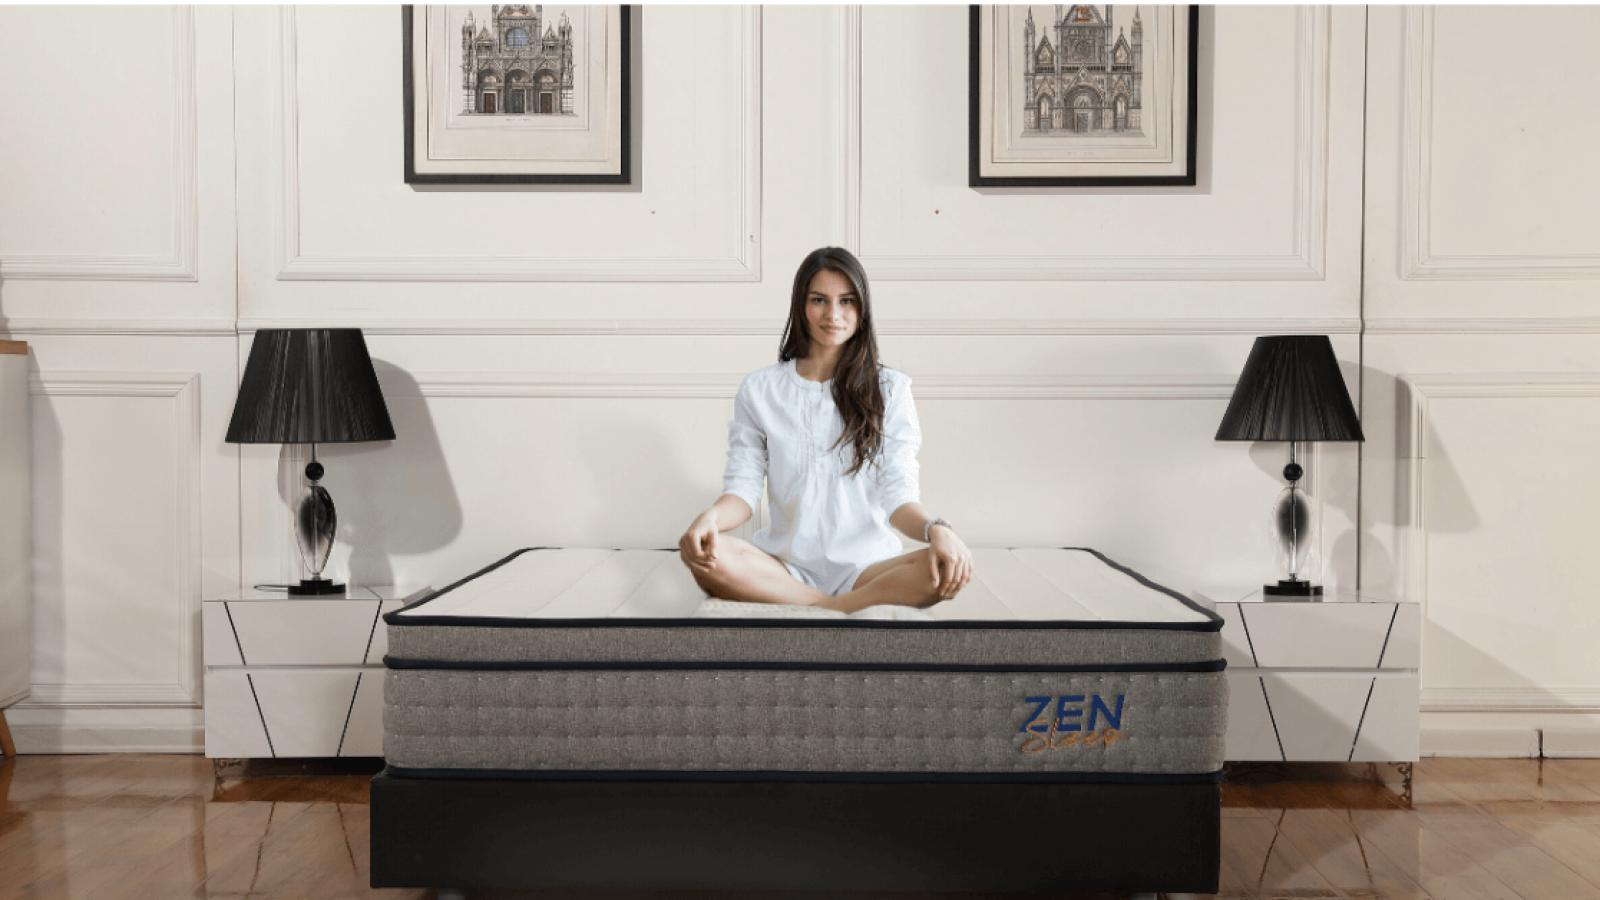 zensleep-mattress-choose-right-mattress-for-back-pain